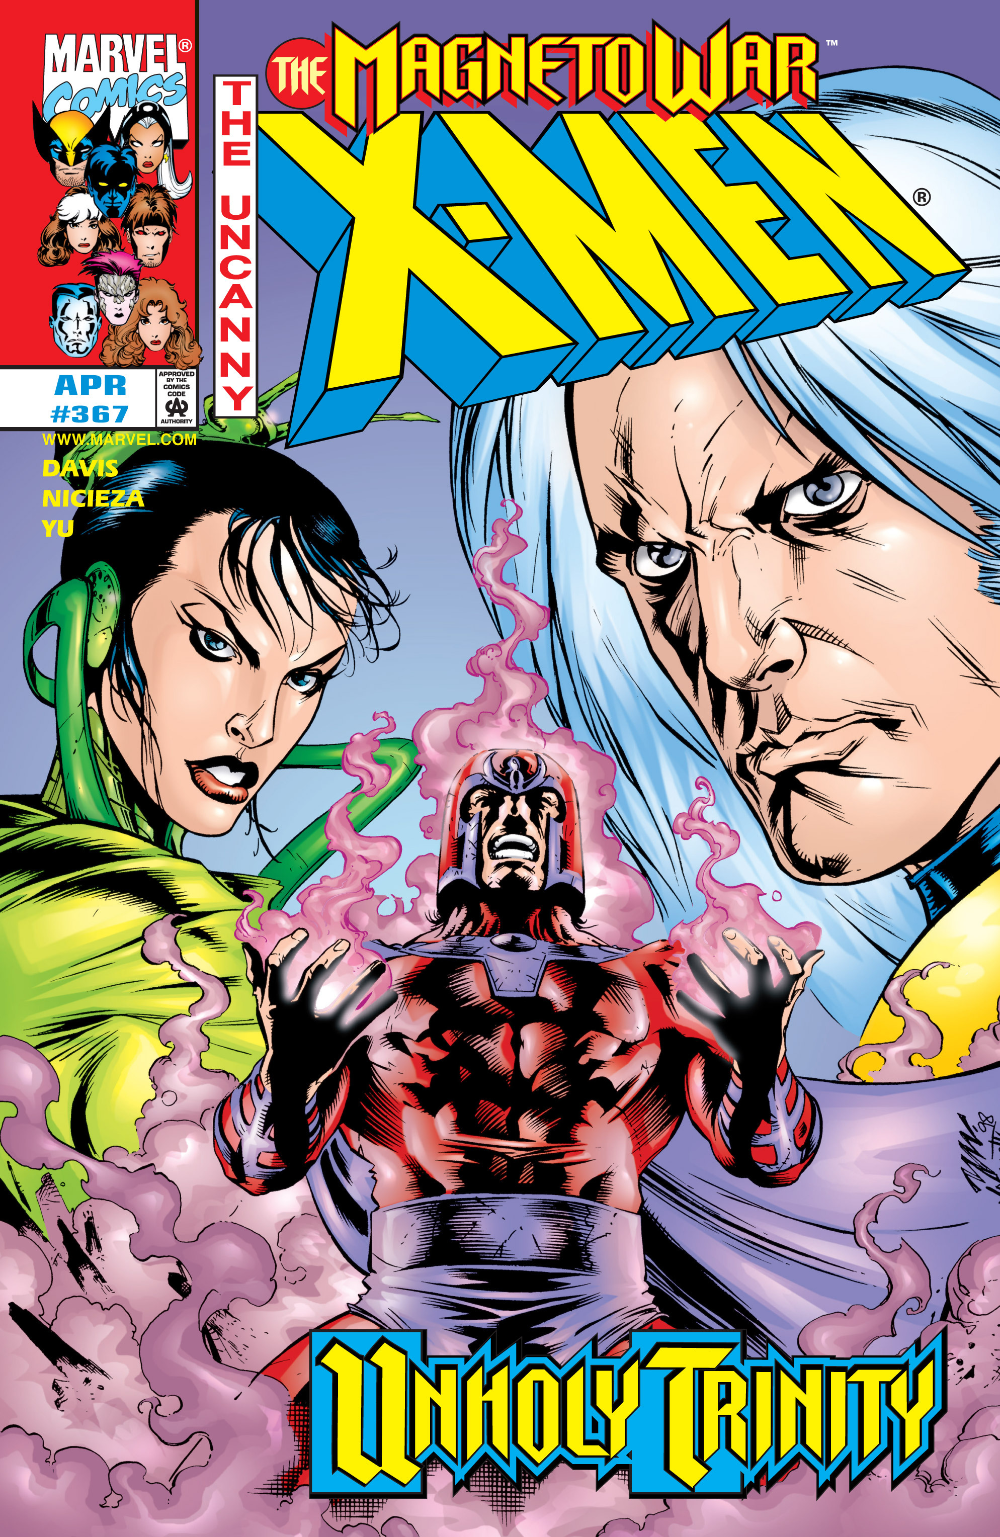 Uncanny X Men 367 April 1999 Marvel Comics Covers Marvel Villains Comic Book Heroes